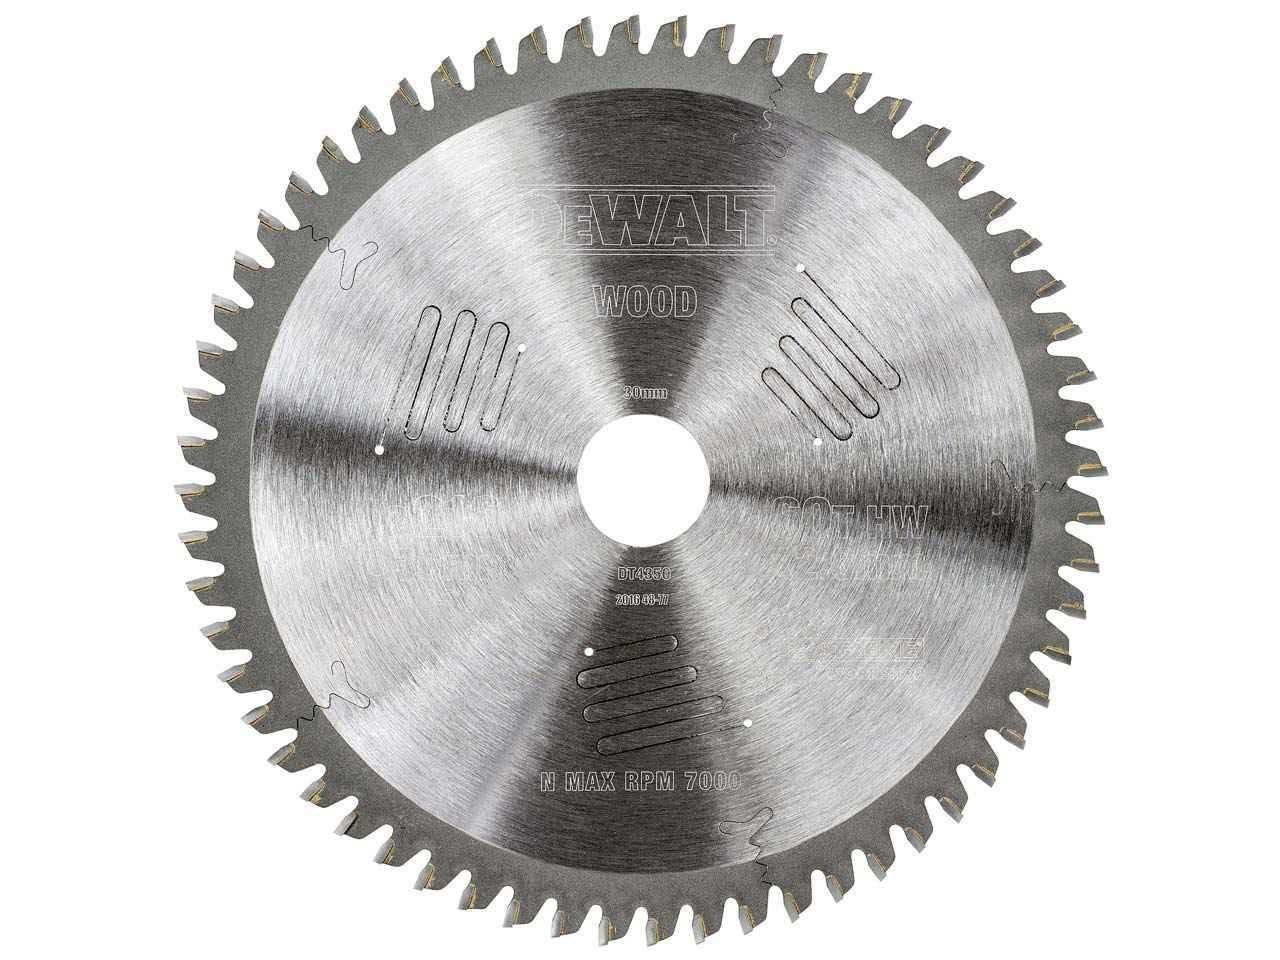 Dewalt dt4350 qz extreme circular saw blade 216 x 30 x 60t greentooth Choice Image